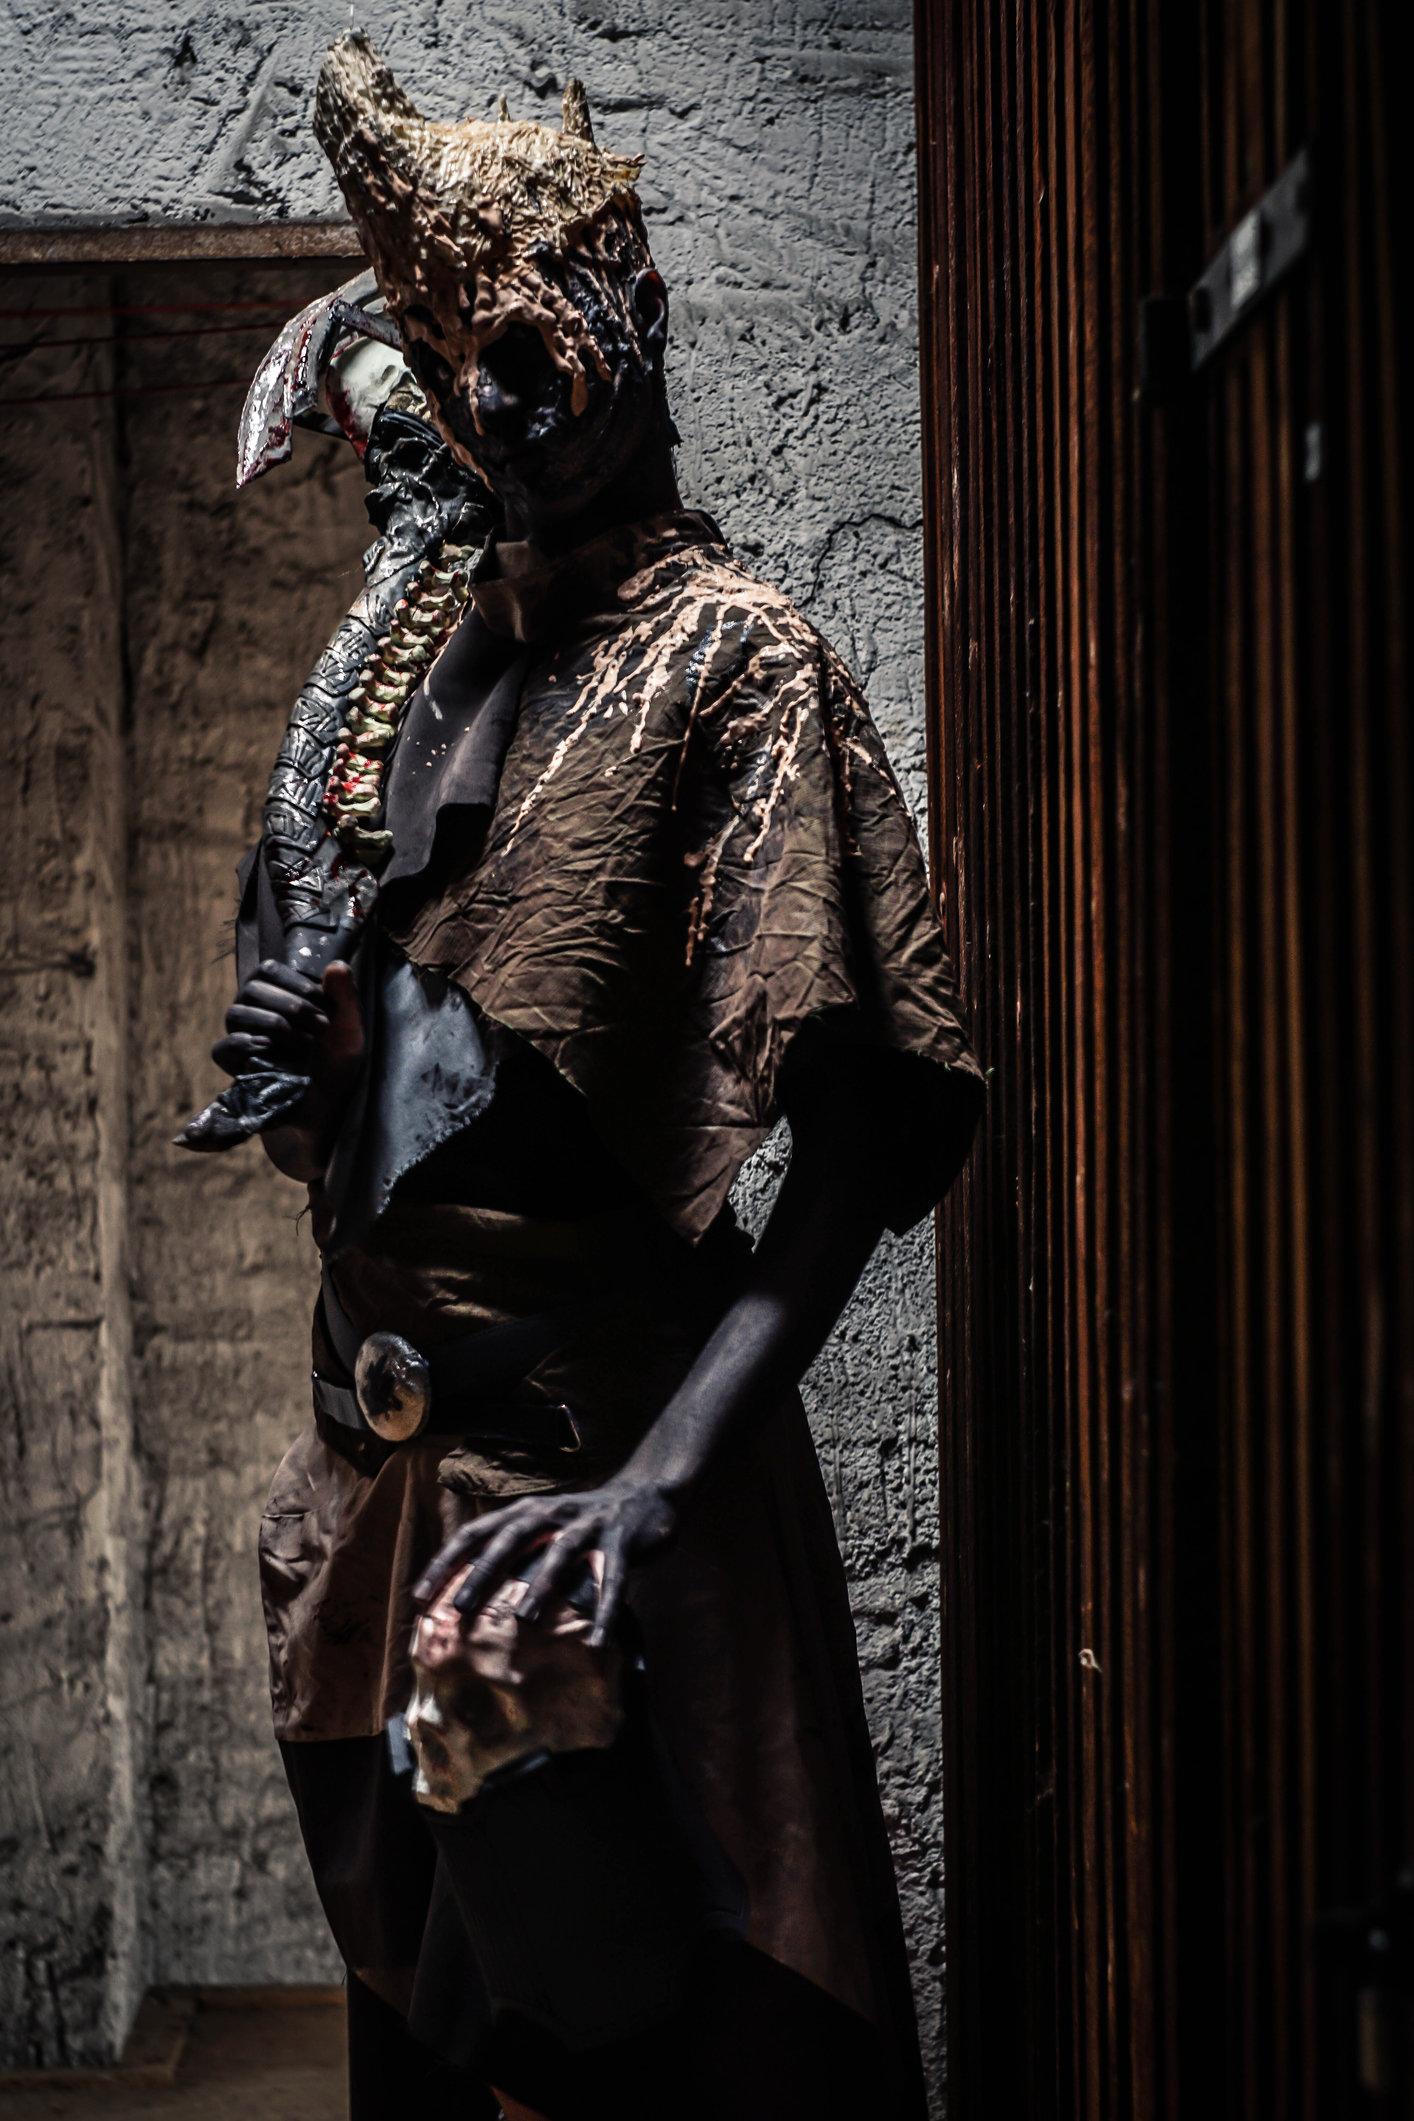 Zetteams Waxwarlock Wraith Cosplay Dead By Daylight